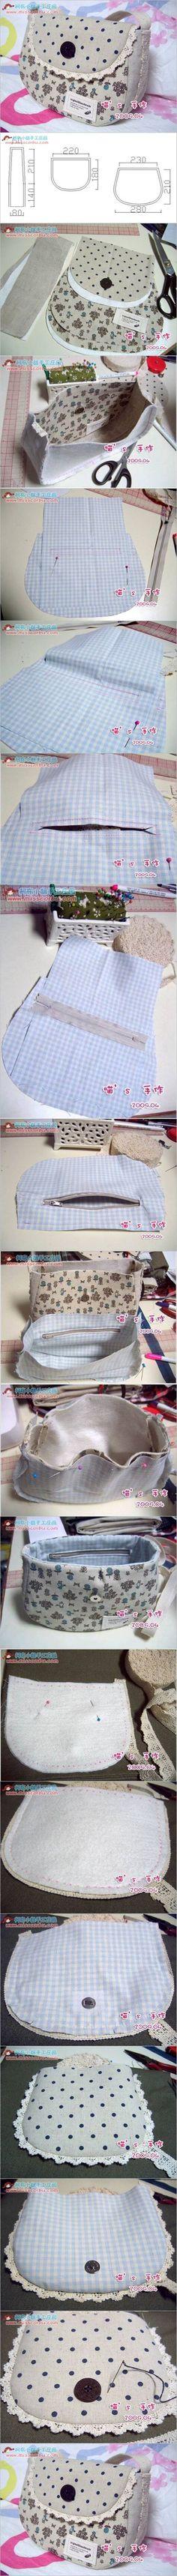 DIY Wie eine einfache Sommer-Handtasche nähen